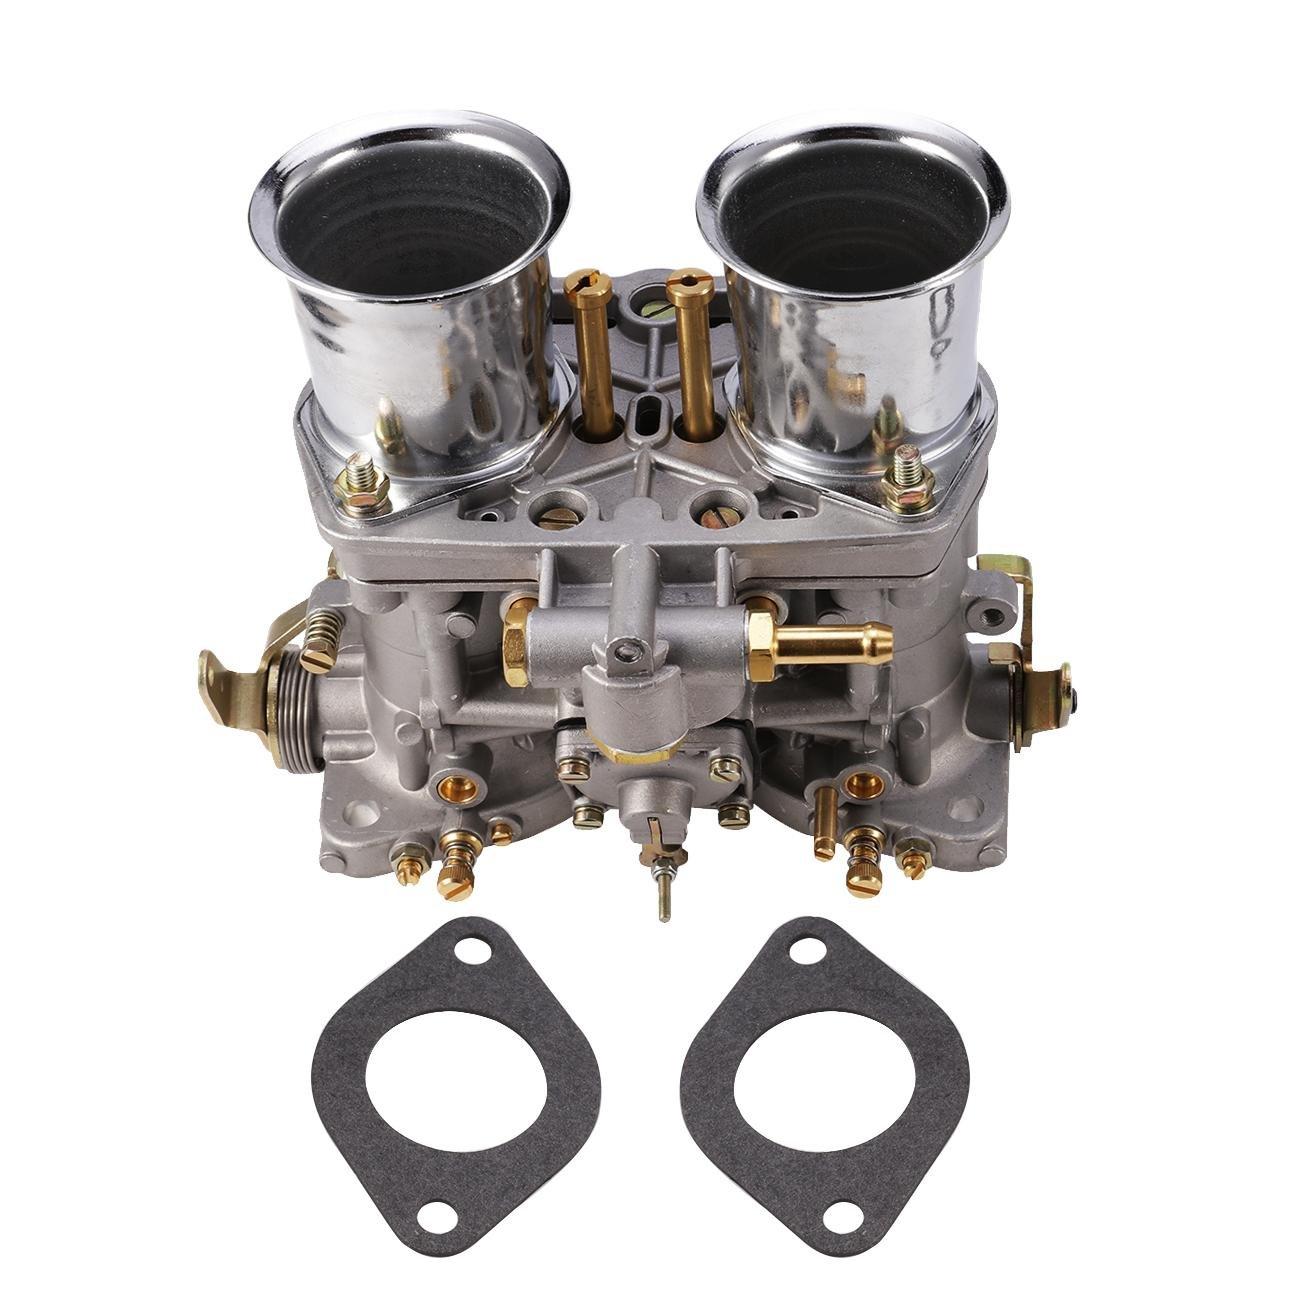 Amazon.com: Partol 2 Barrel Weber 40 IDF Carb Carburetor for Bug Volkswagen  Beetle VW Fiat Porsche - Manual Choke: Automotive